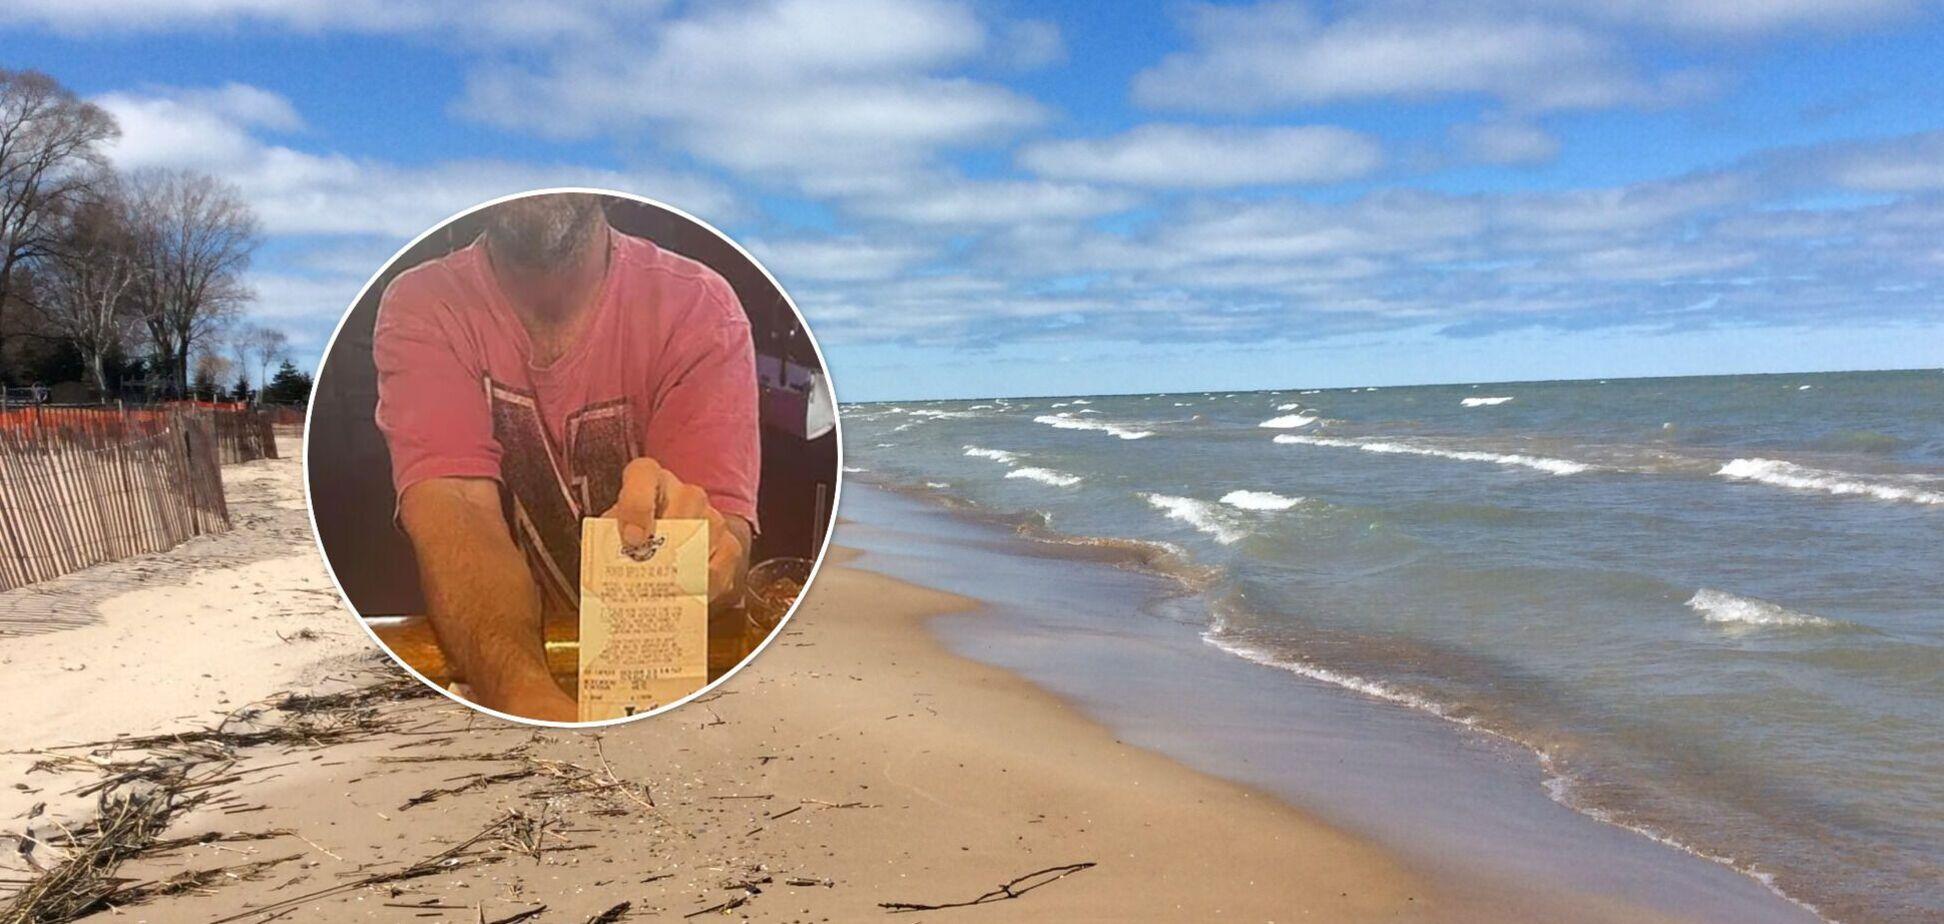 Сорвал джекпот: мужчина выиграл в лотерею и утонул. Подробности и фото